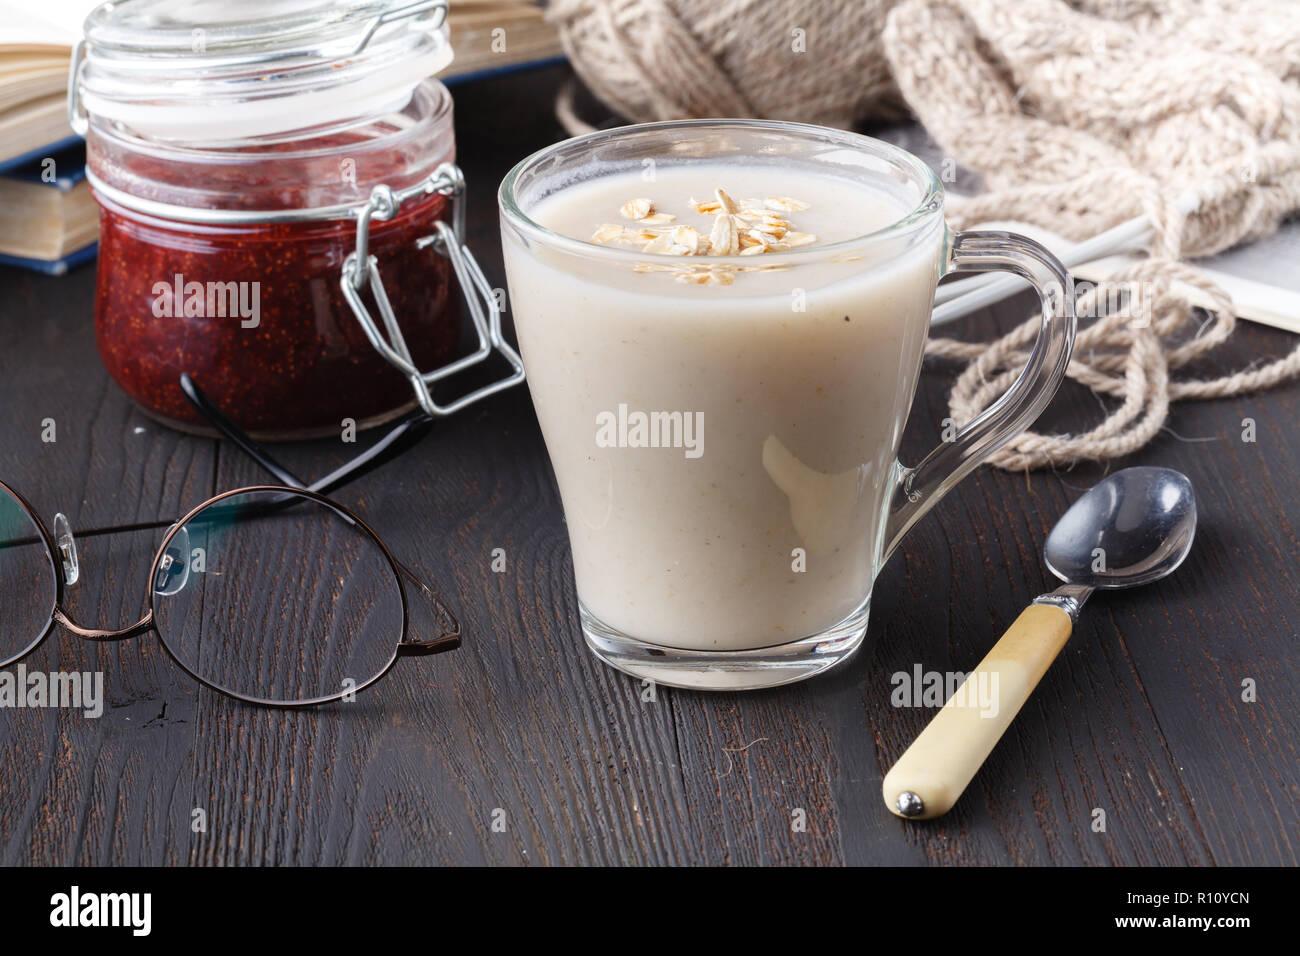 Non-dairy vegan oat milk with berries, healthy diet - Stock Image